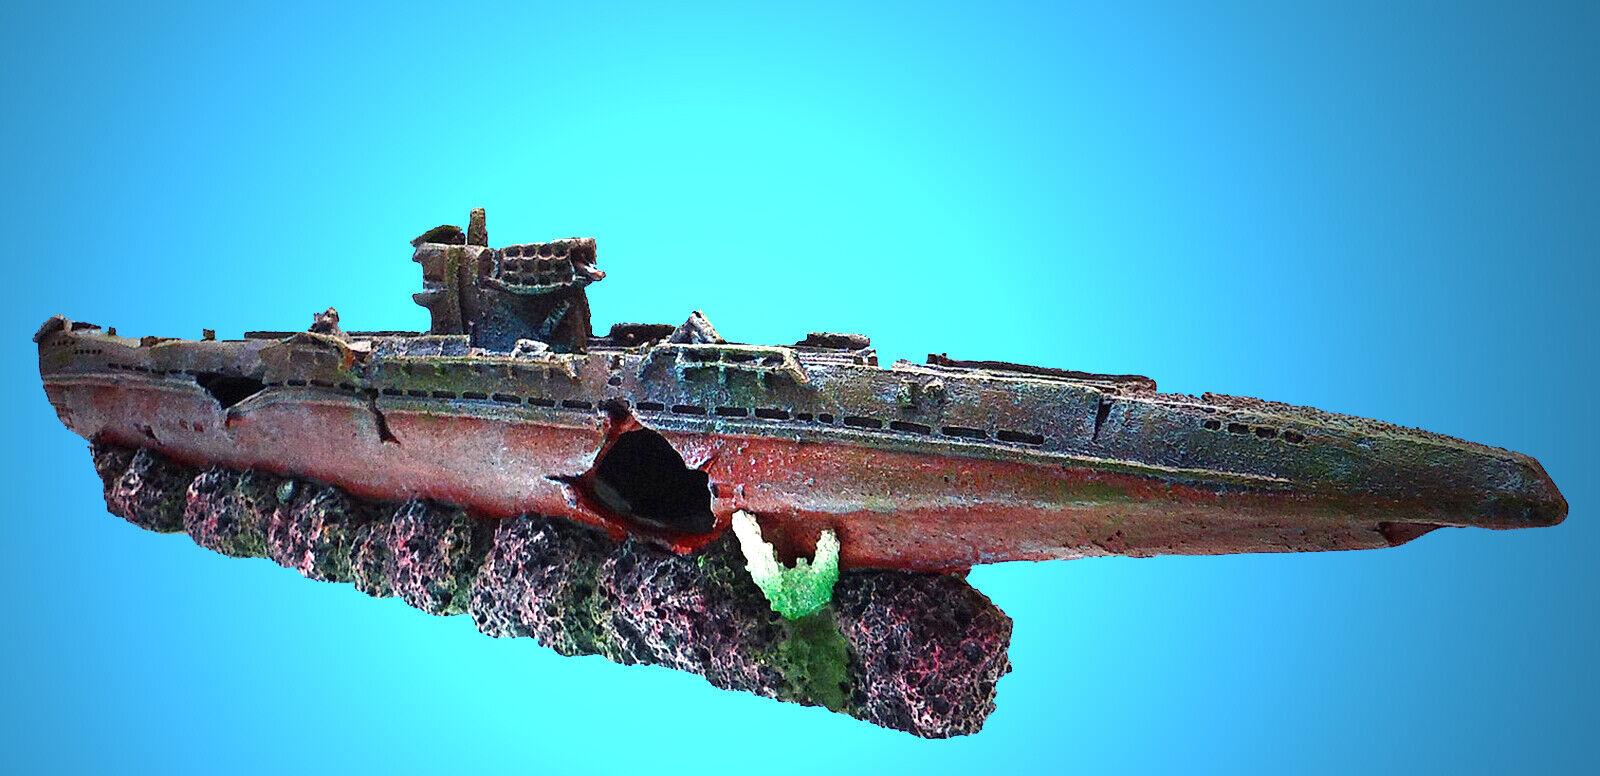 Aquarium Deko ► U-BOOT WRACK ◄ Schiff Schiffswrack Dekoration Höhle Zubehör